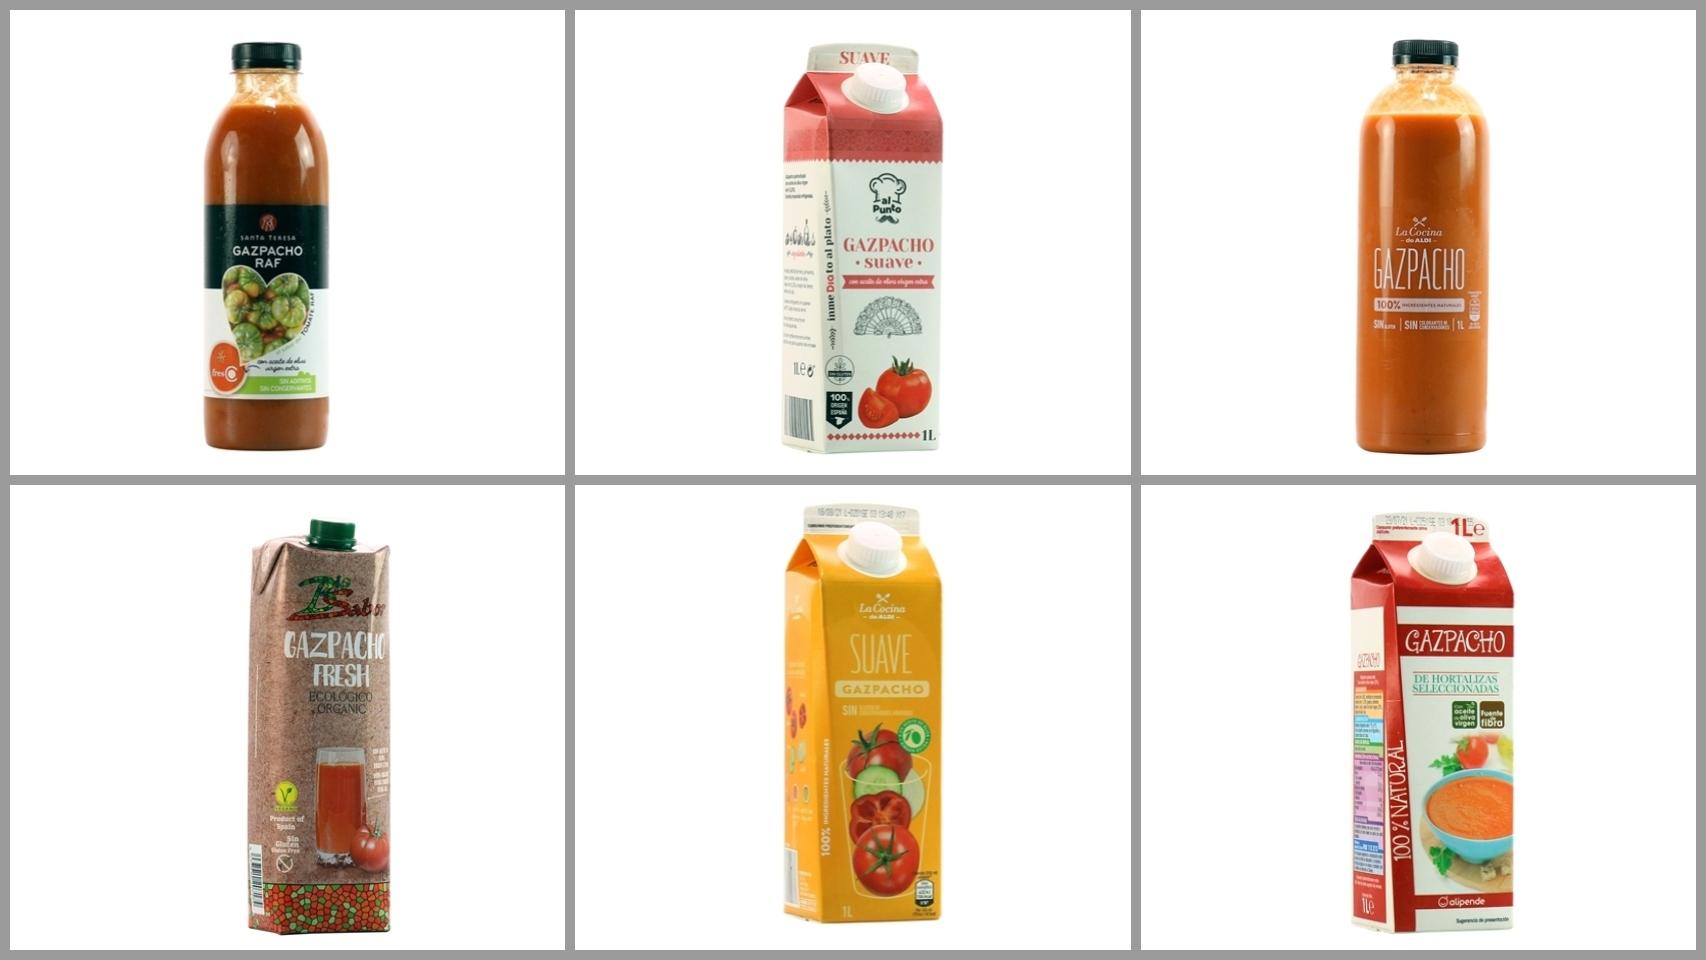 Gazpachos de los supermercados